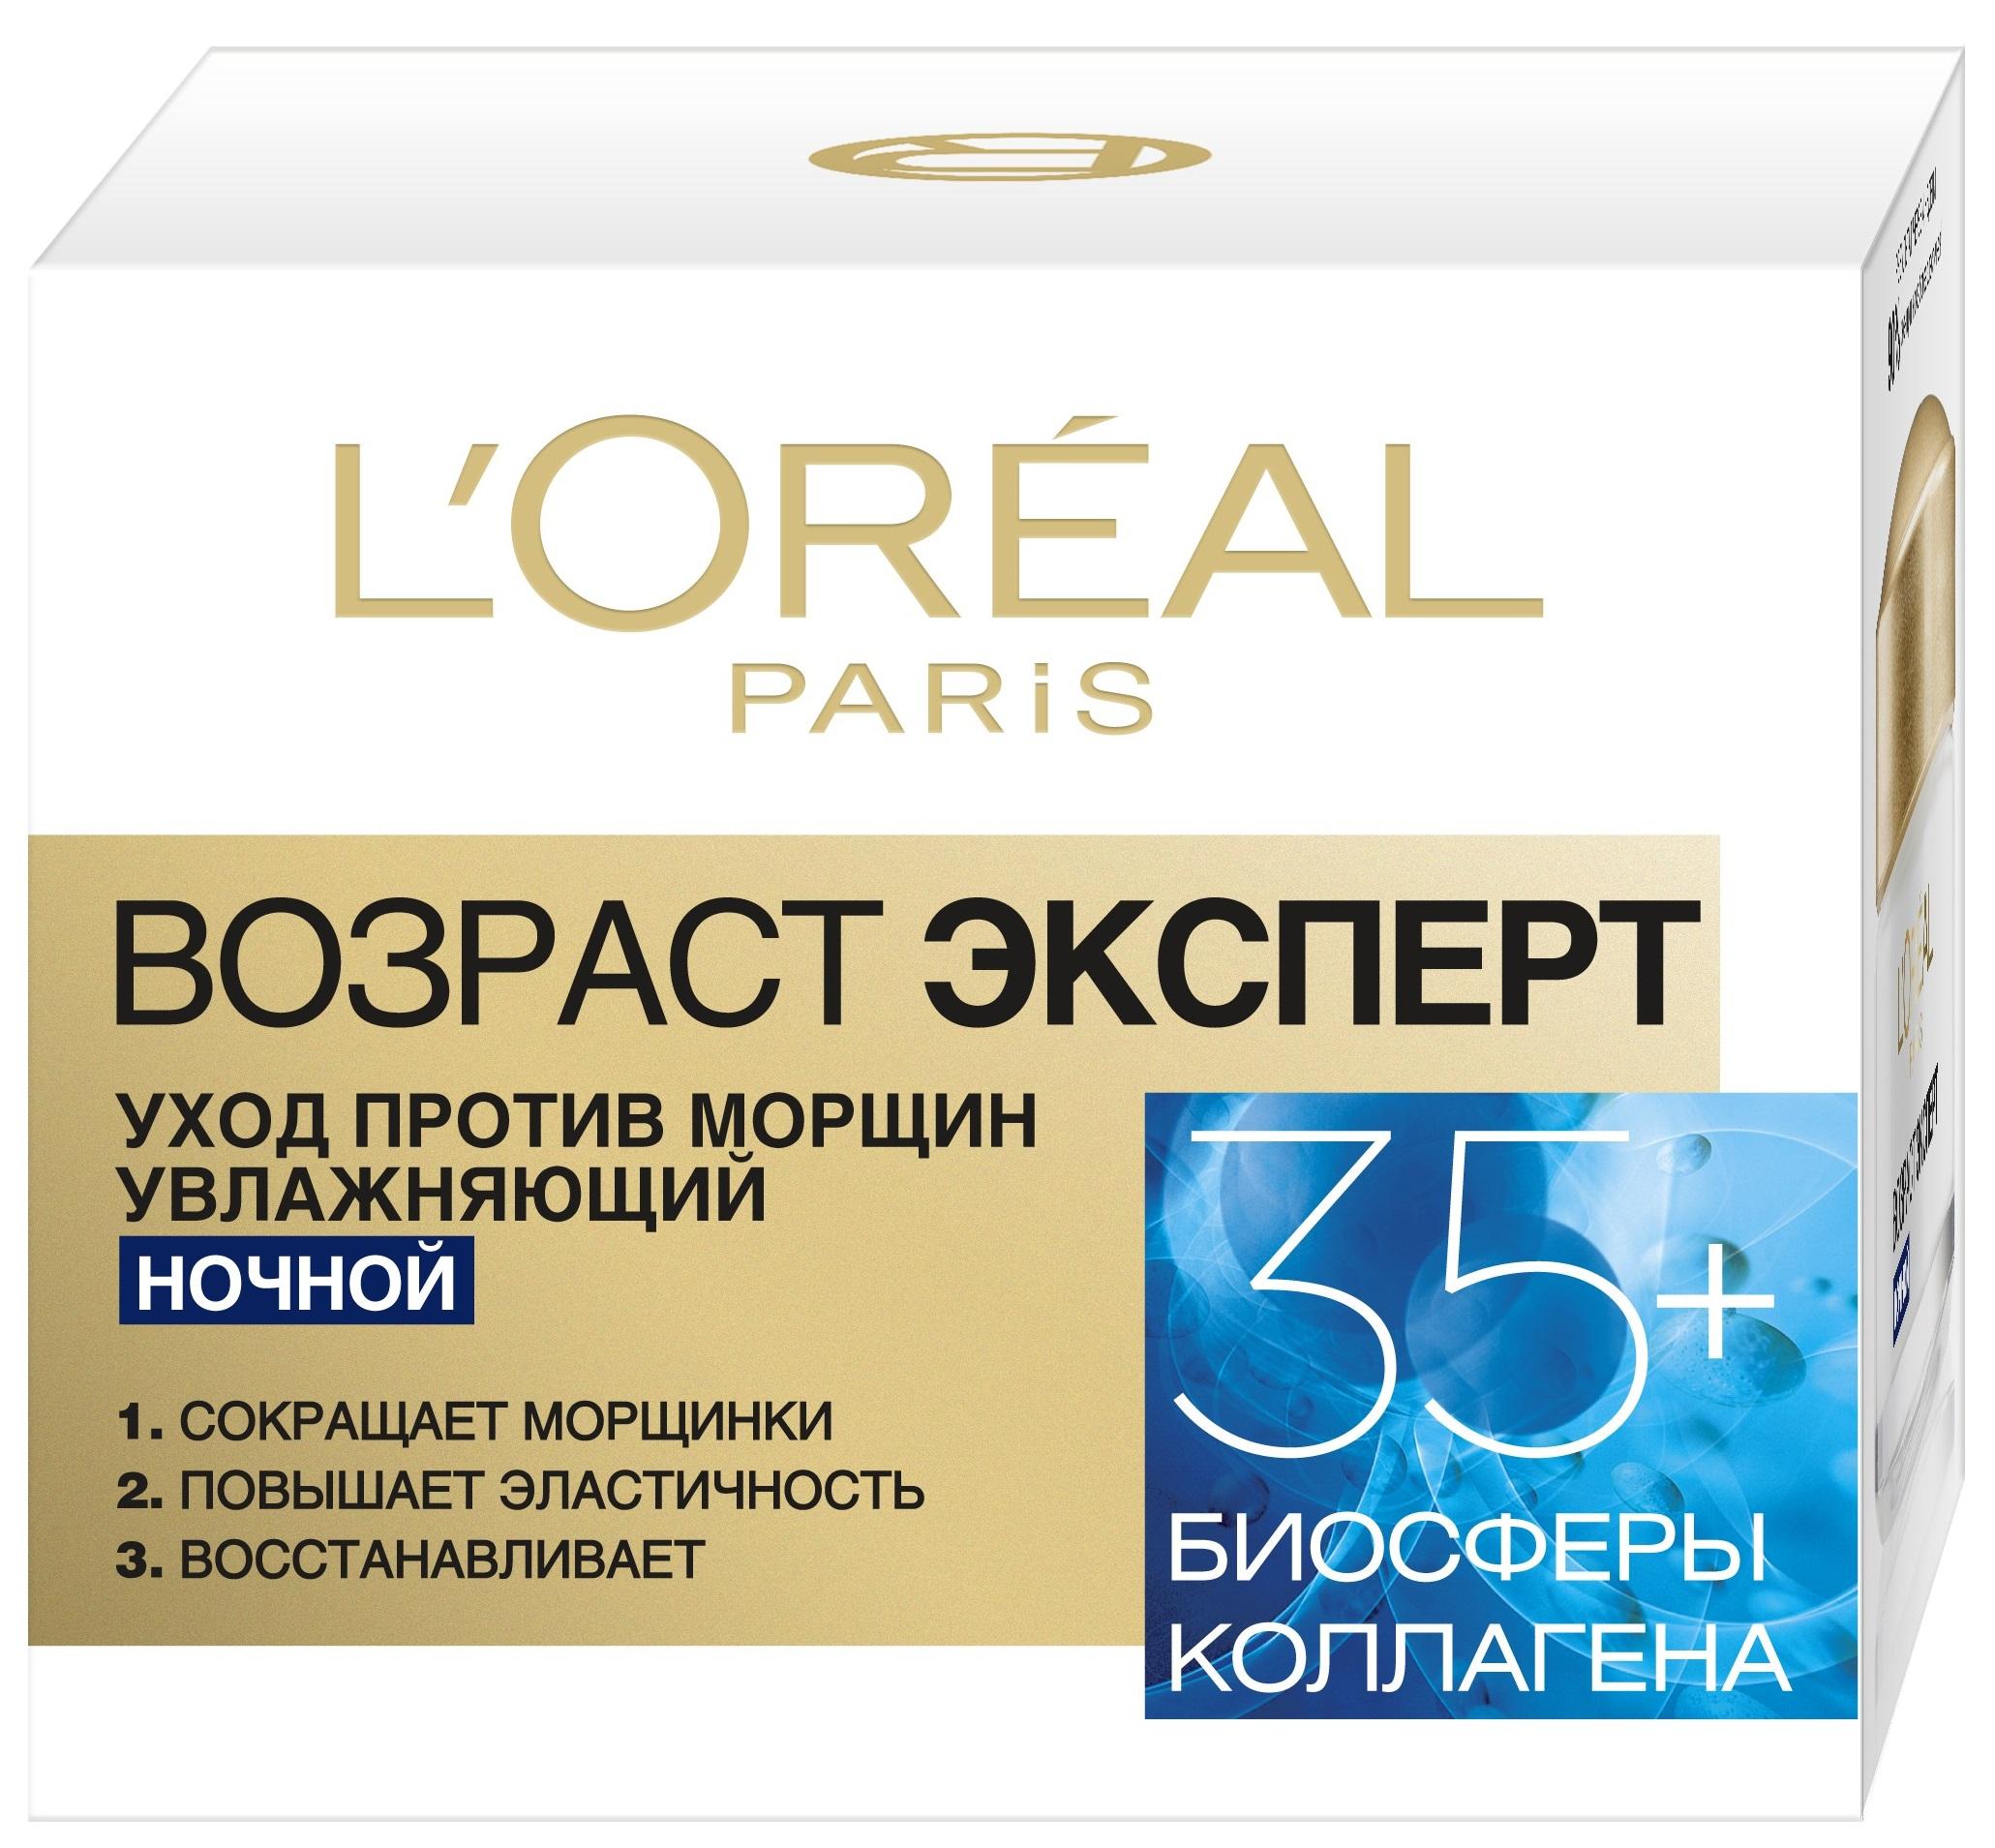 L'Oreal Paris Ночной крем для лица Возраст эксперт 35+ увлажняющий, против морщин, 50 мл кремы l oreal paris дневной крем возраст эксперт 55 против морщин легкая текстура восстанавливающий 50 мл